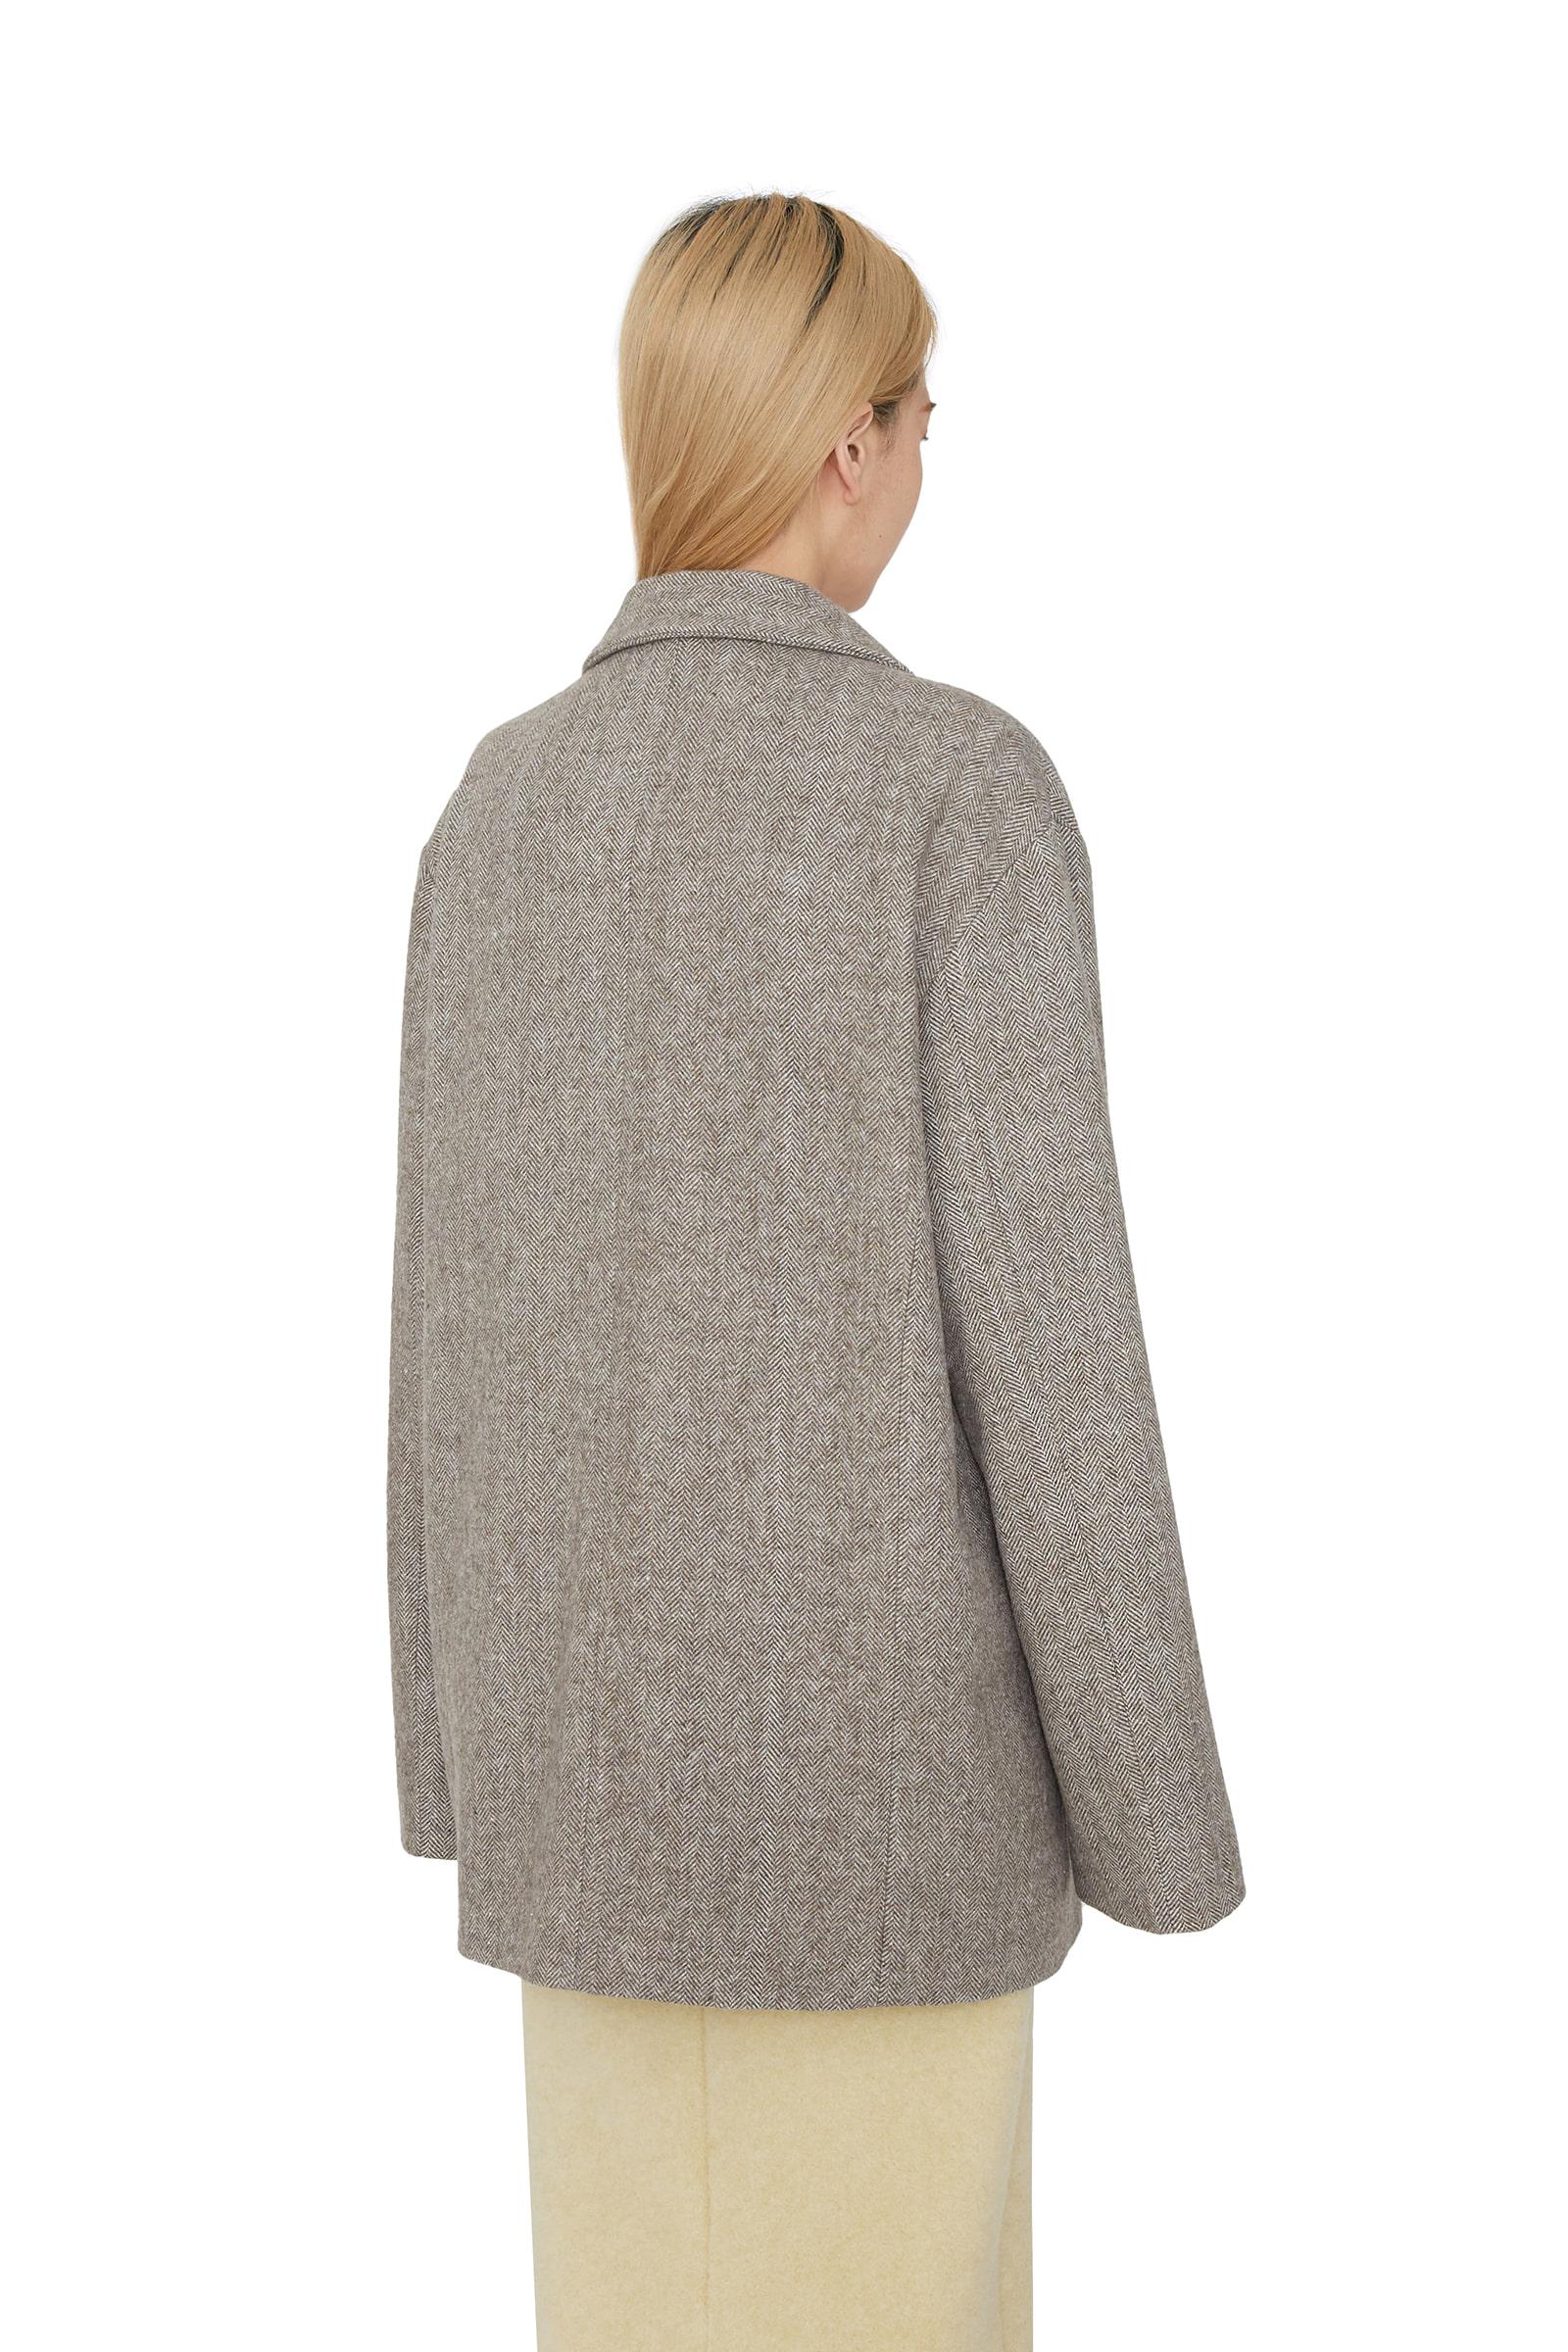 Vine unisex wool herringbone blazer